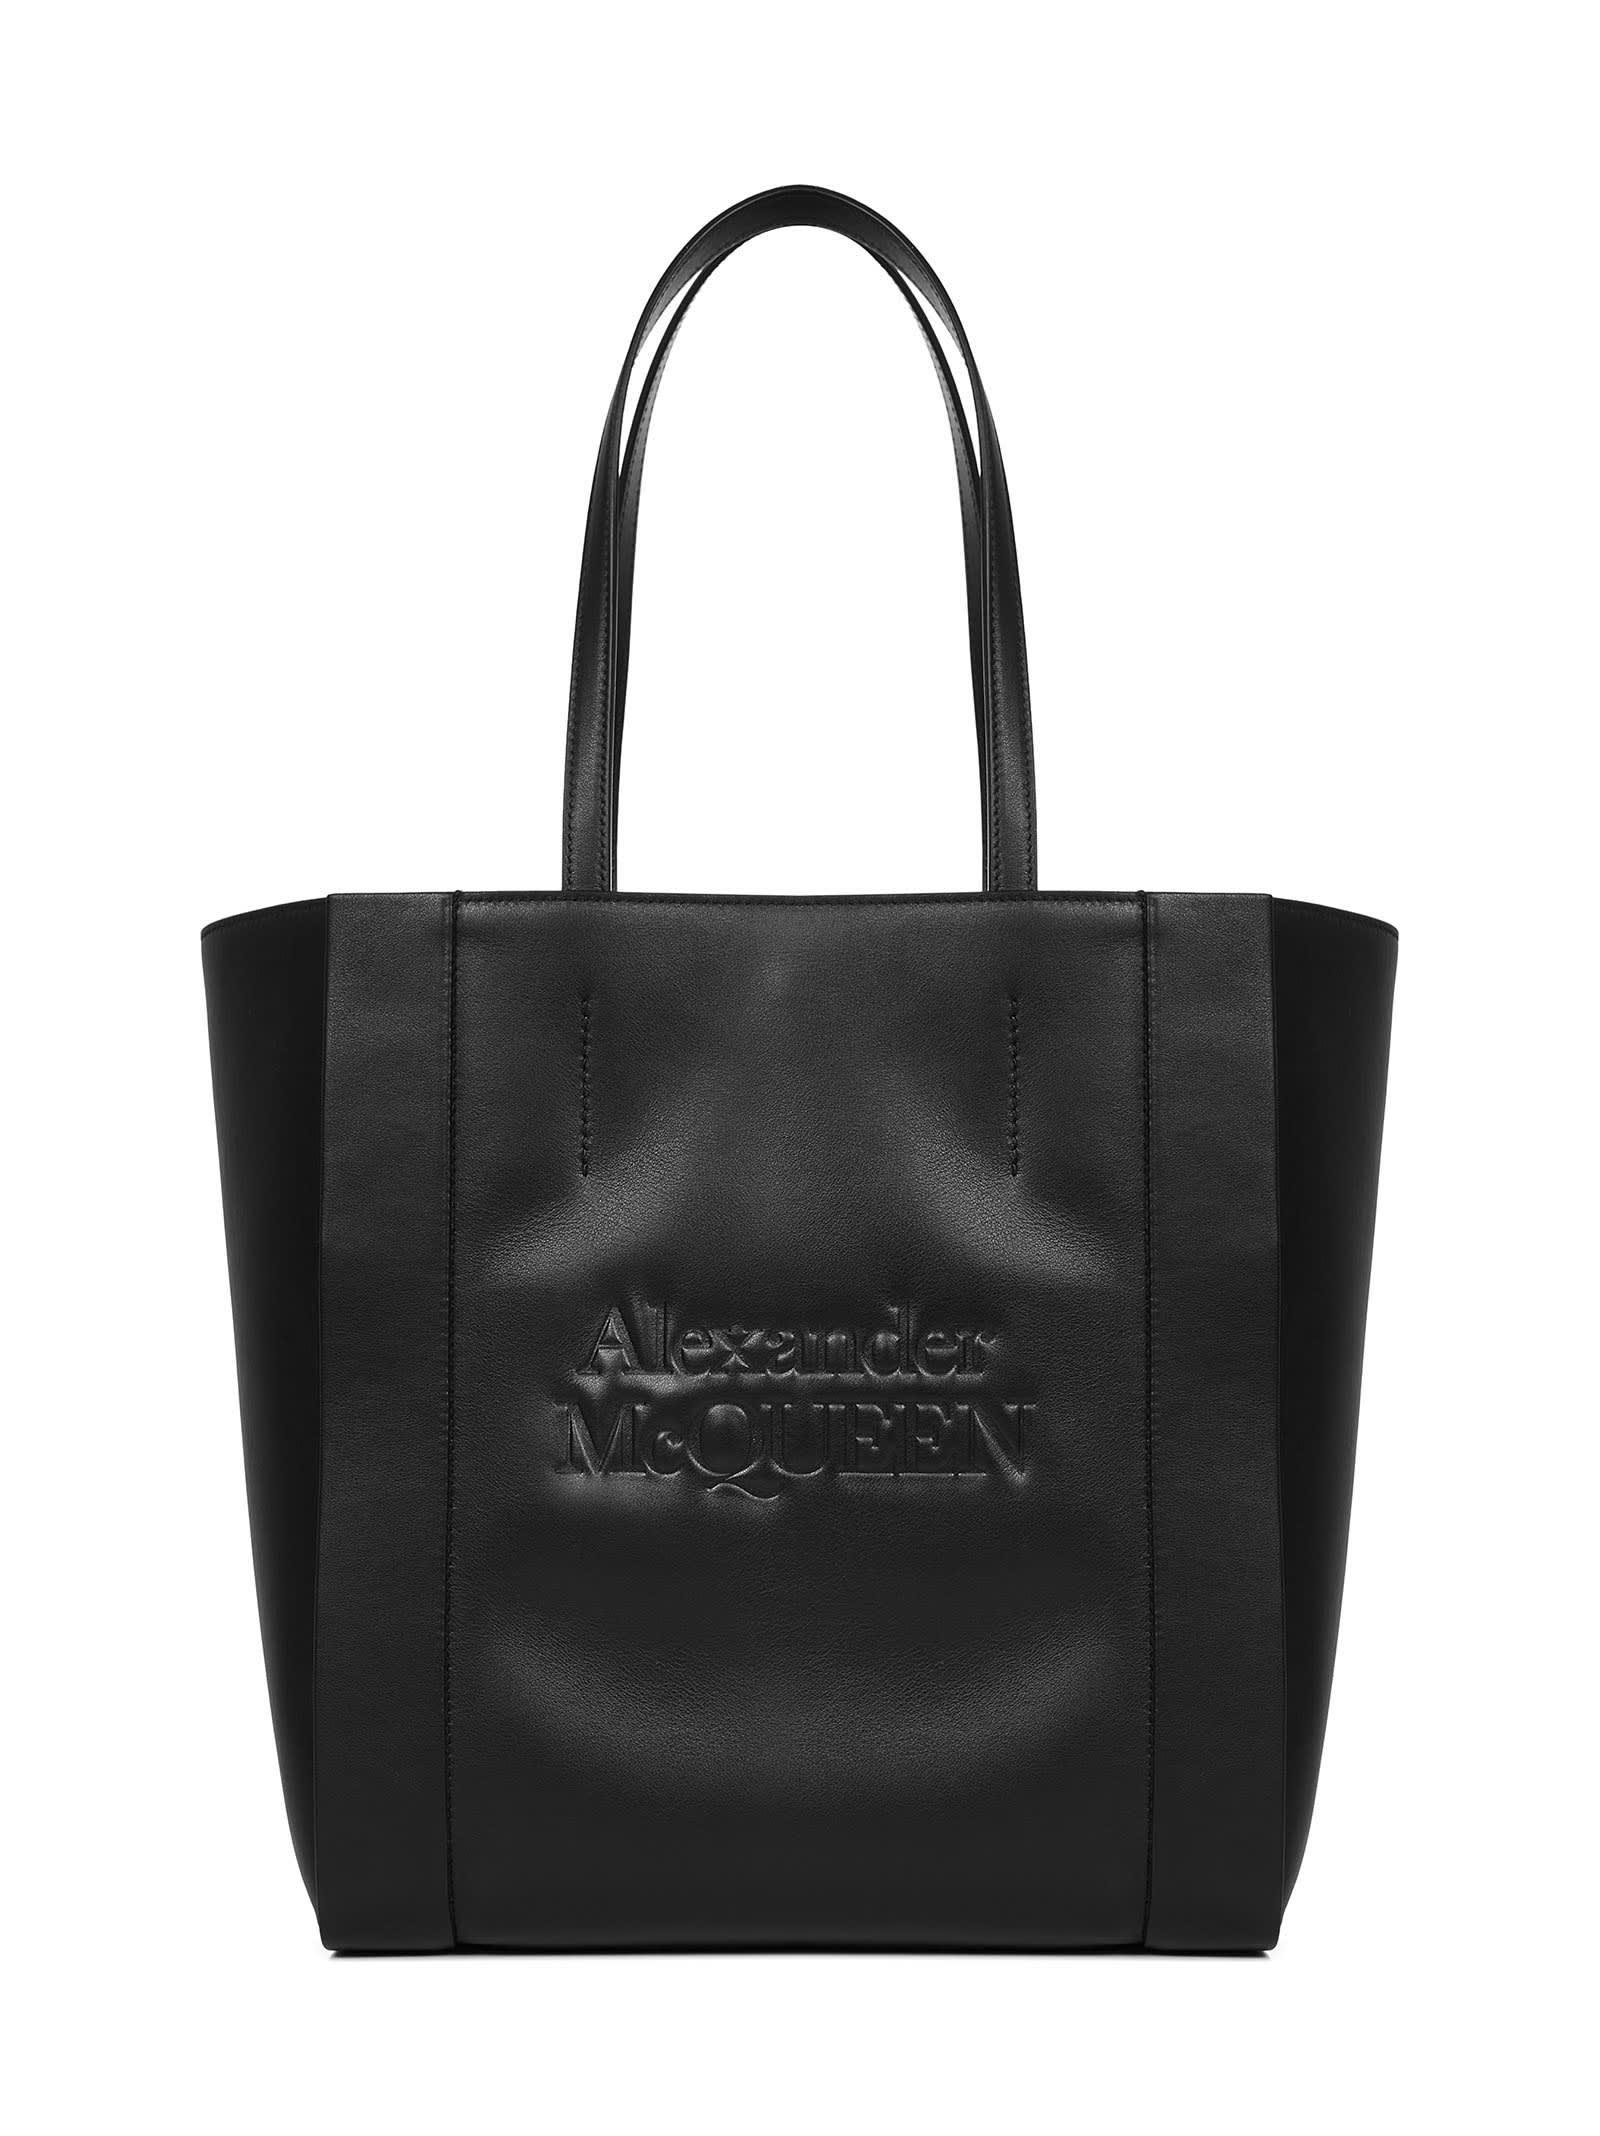 Alexander Mcqueen Signature Shoulder Bag In Black